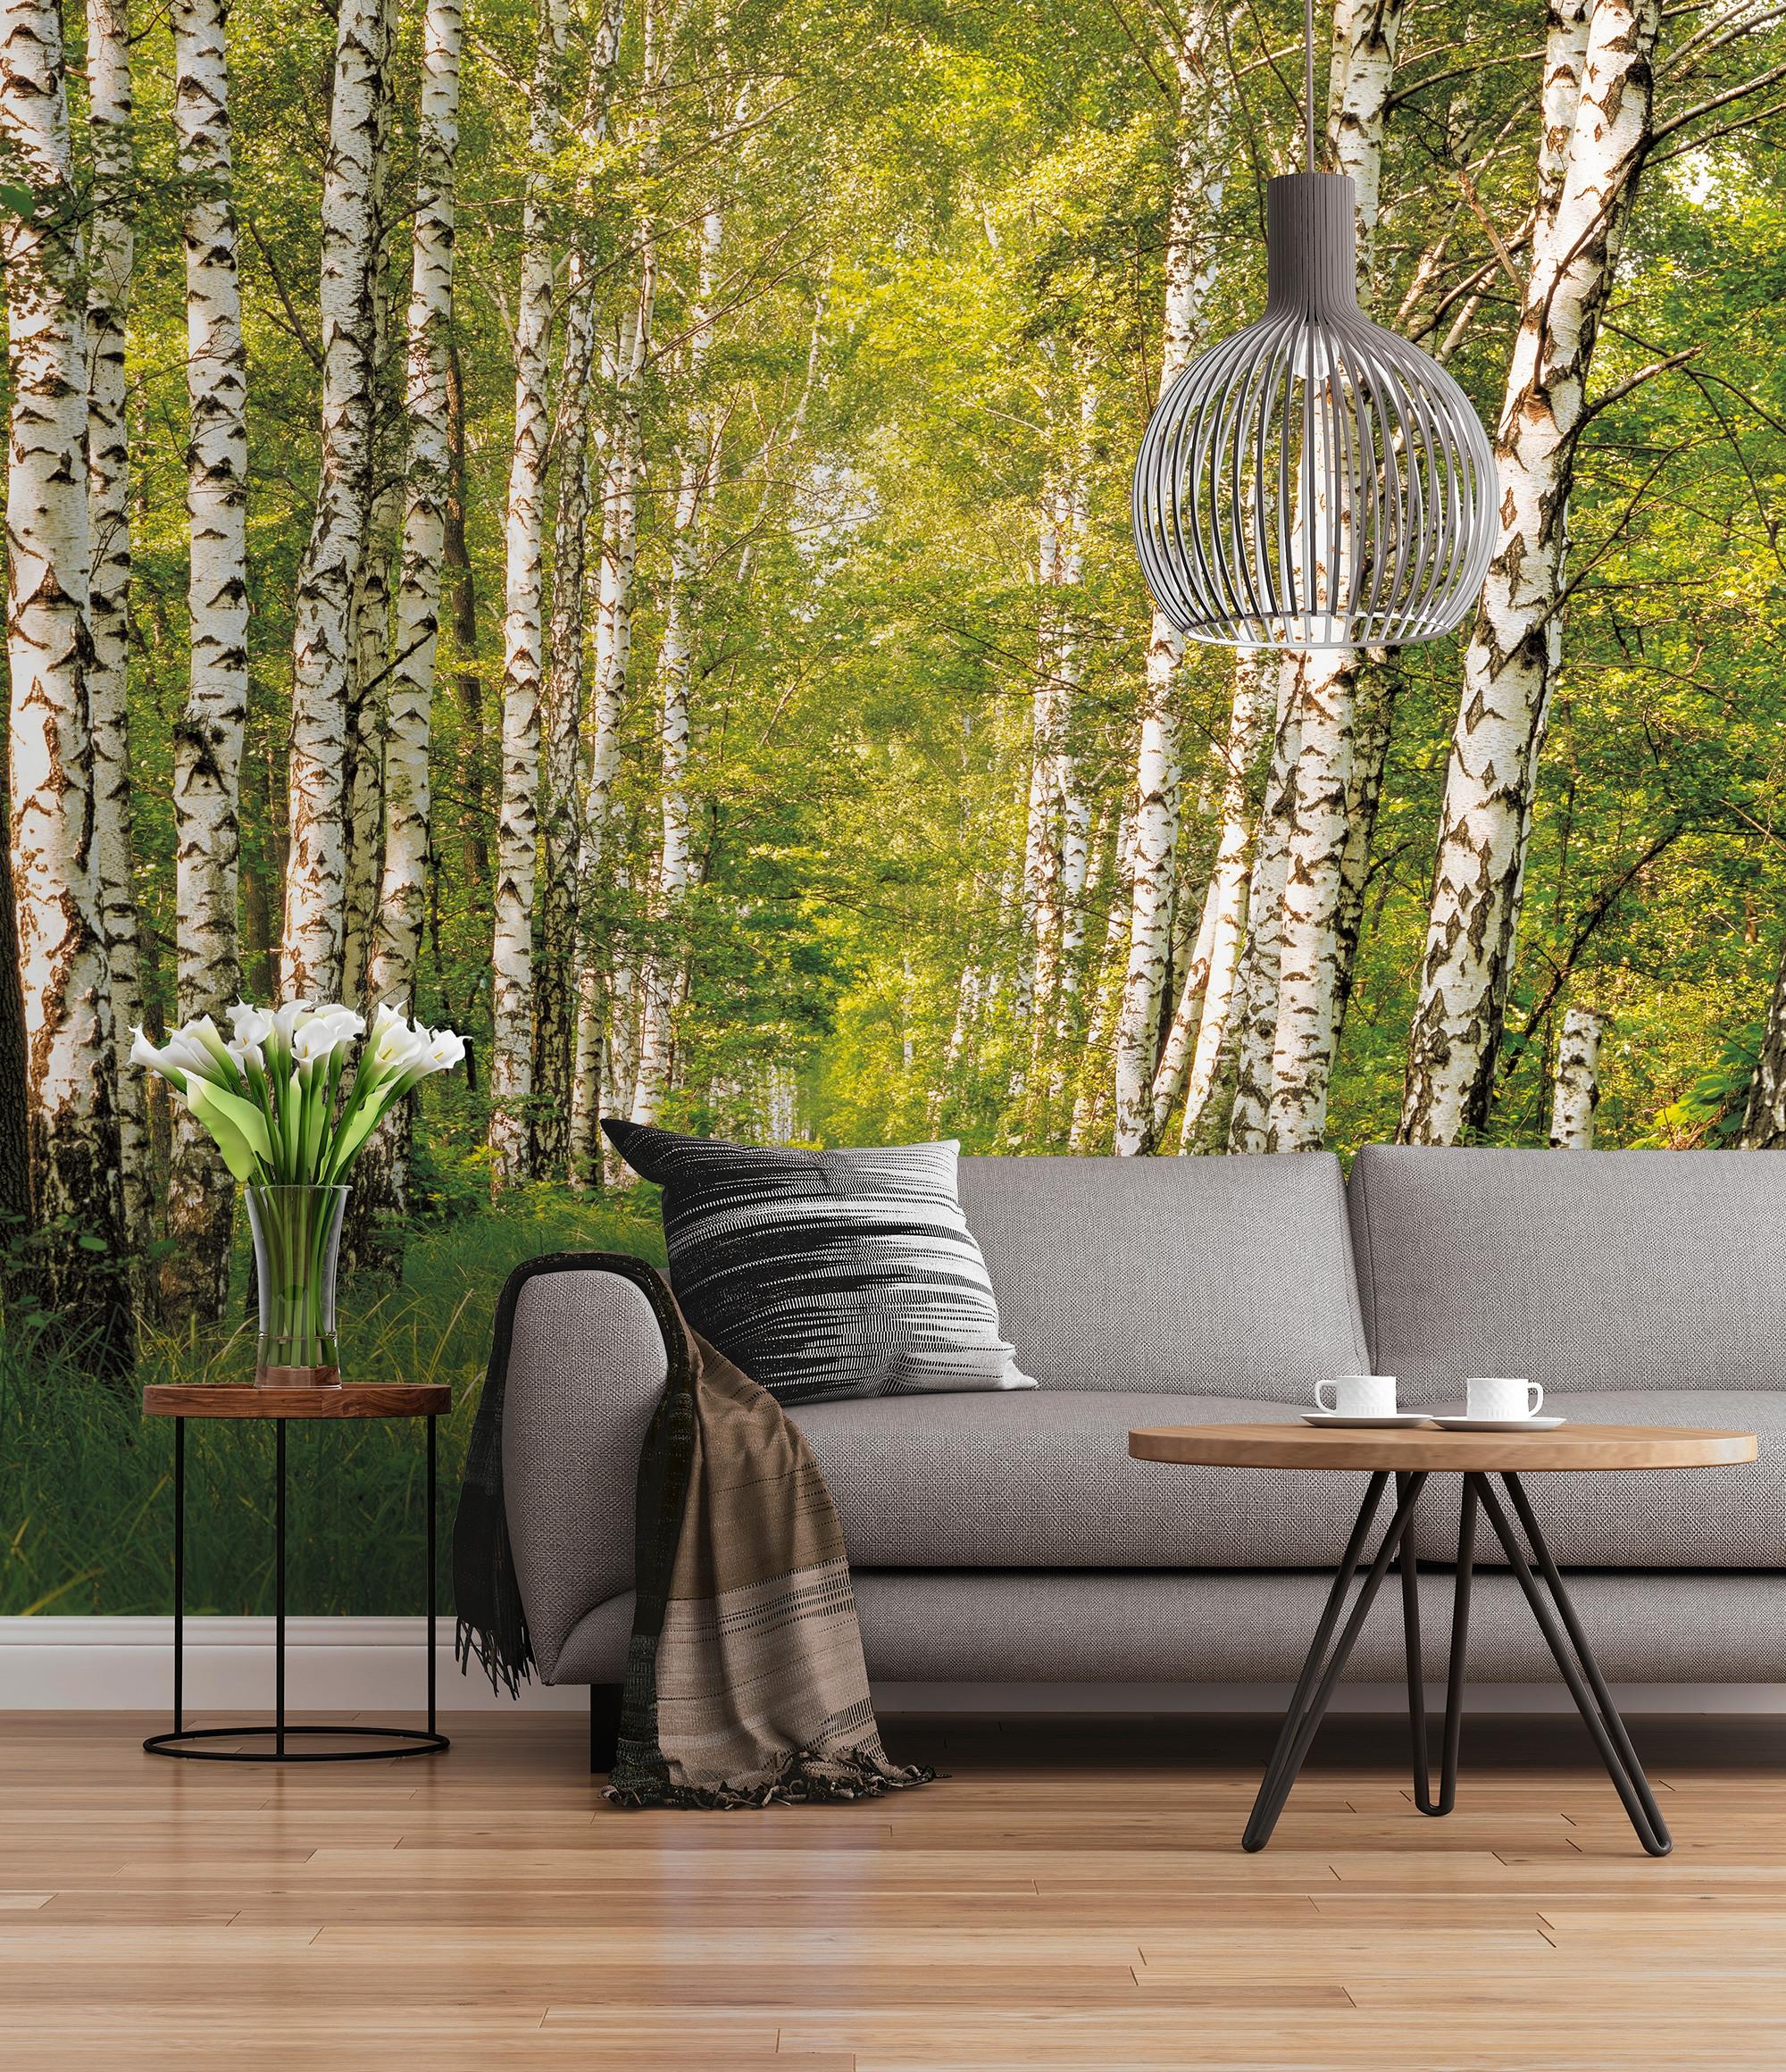 fototapeten und wandtattoos von hochwertig und g nstig von komar disney star. Black Bedroom Furniture Sets. Home Design Ideas